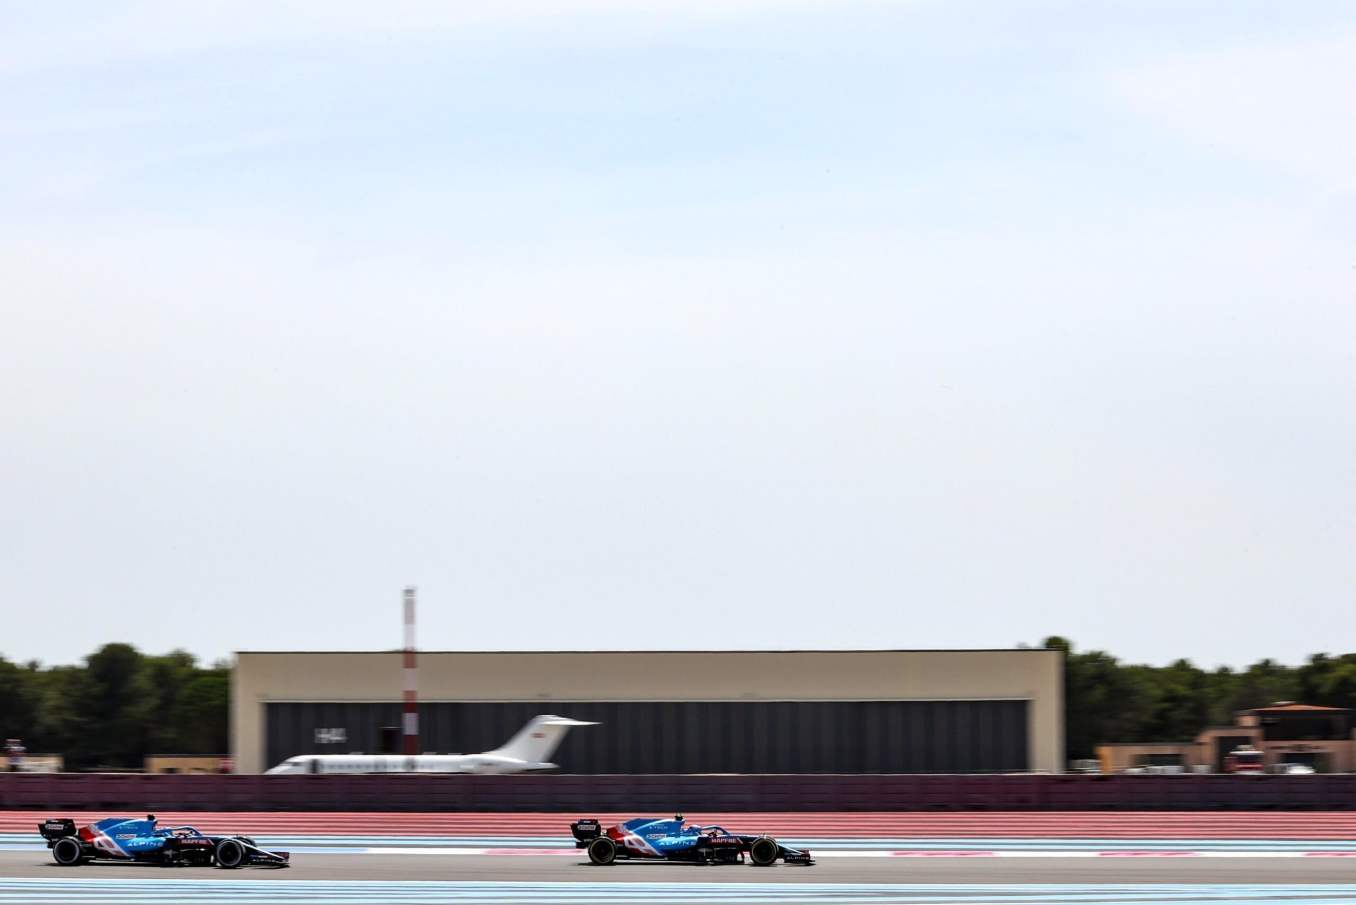 Alpine F1 Alonso Ocon A521 Castellet Paul Ricard 2021 5 scaled | Alpine F1 : des essais convaincants au Grand Prix Emirates de France